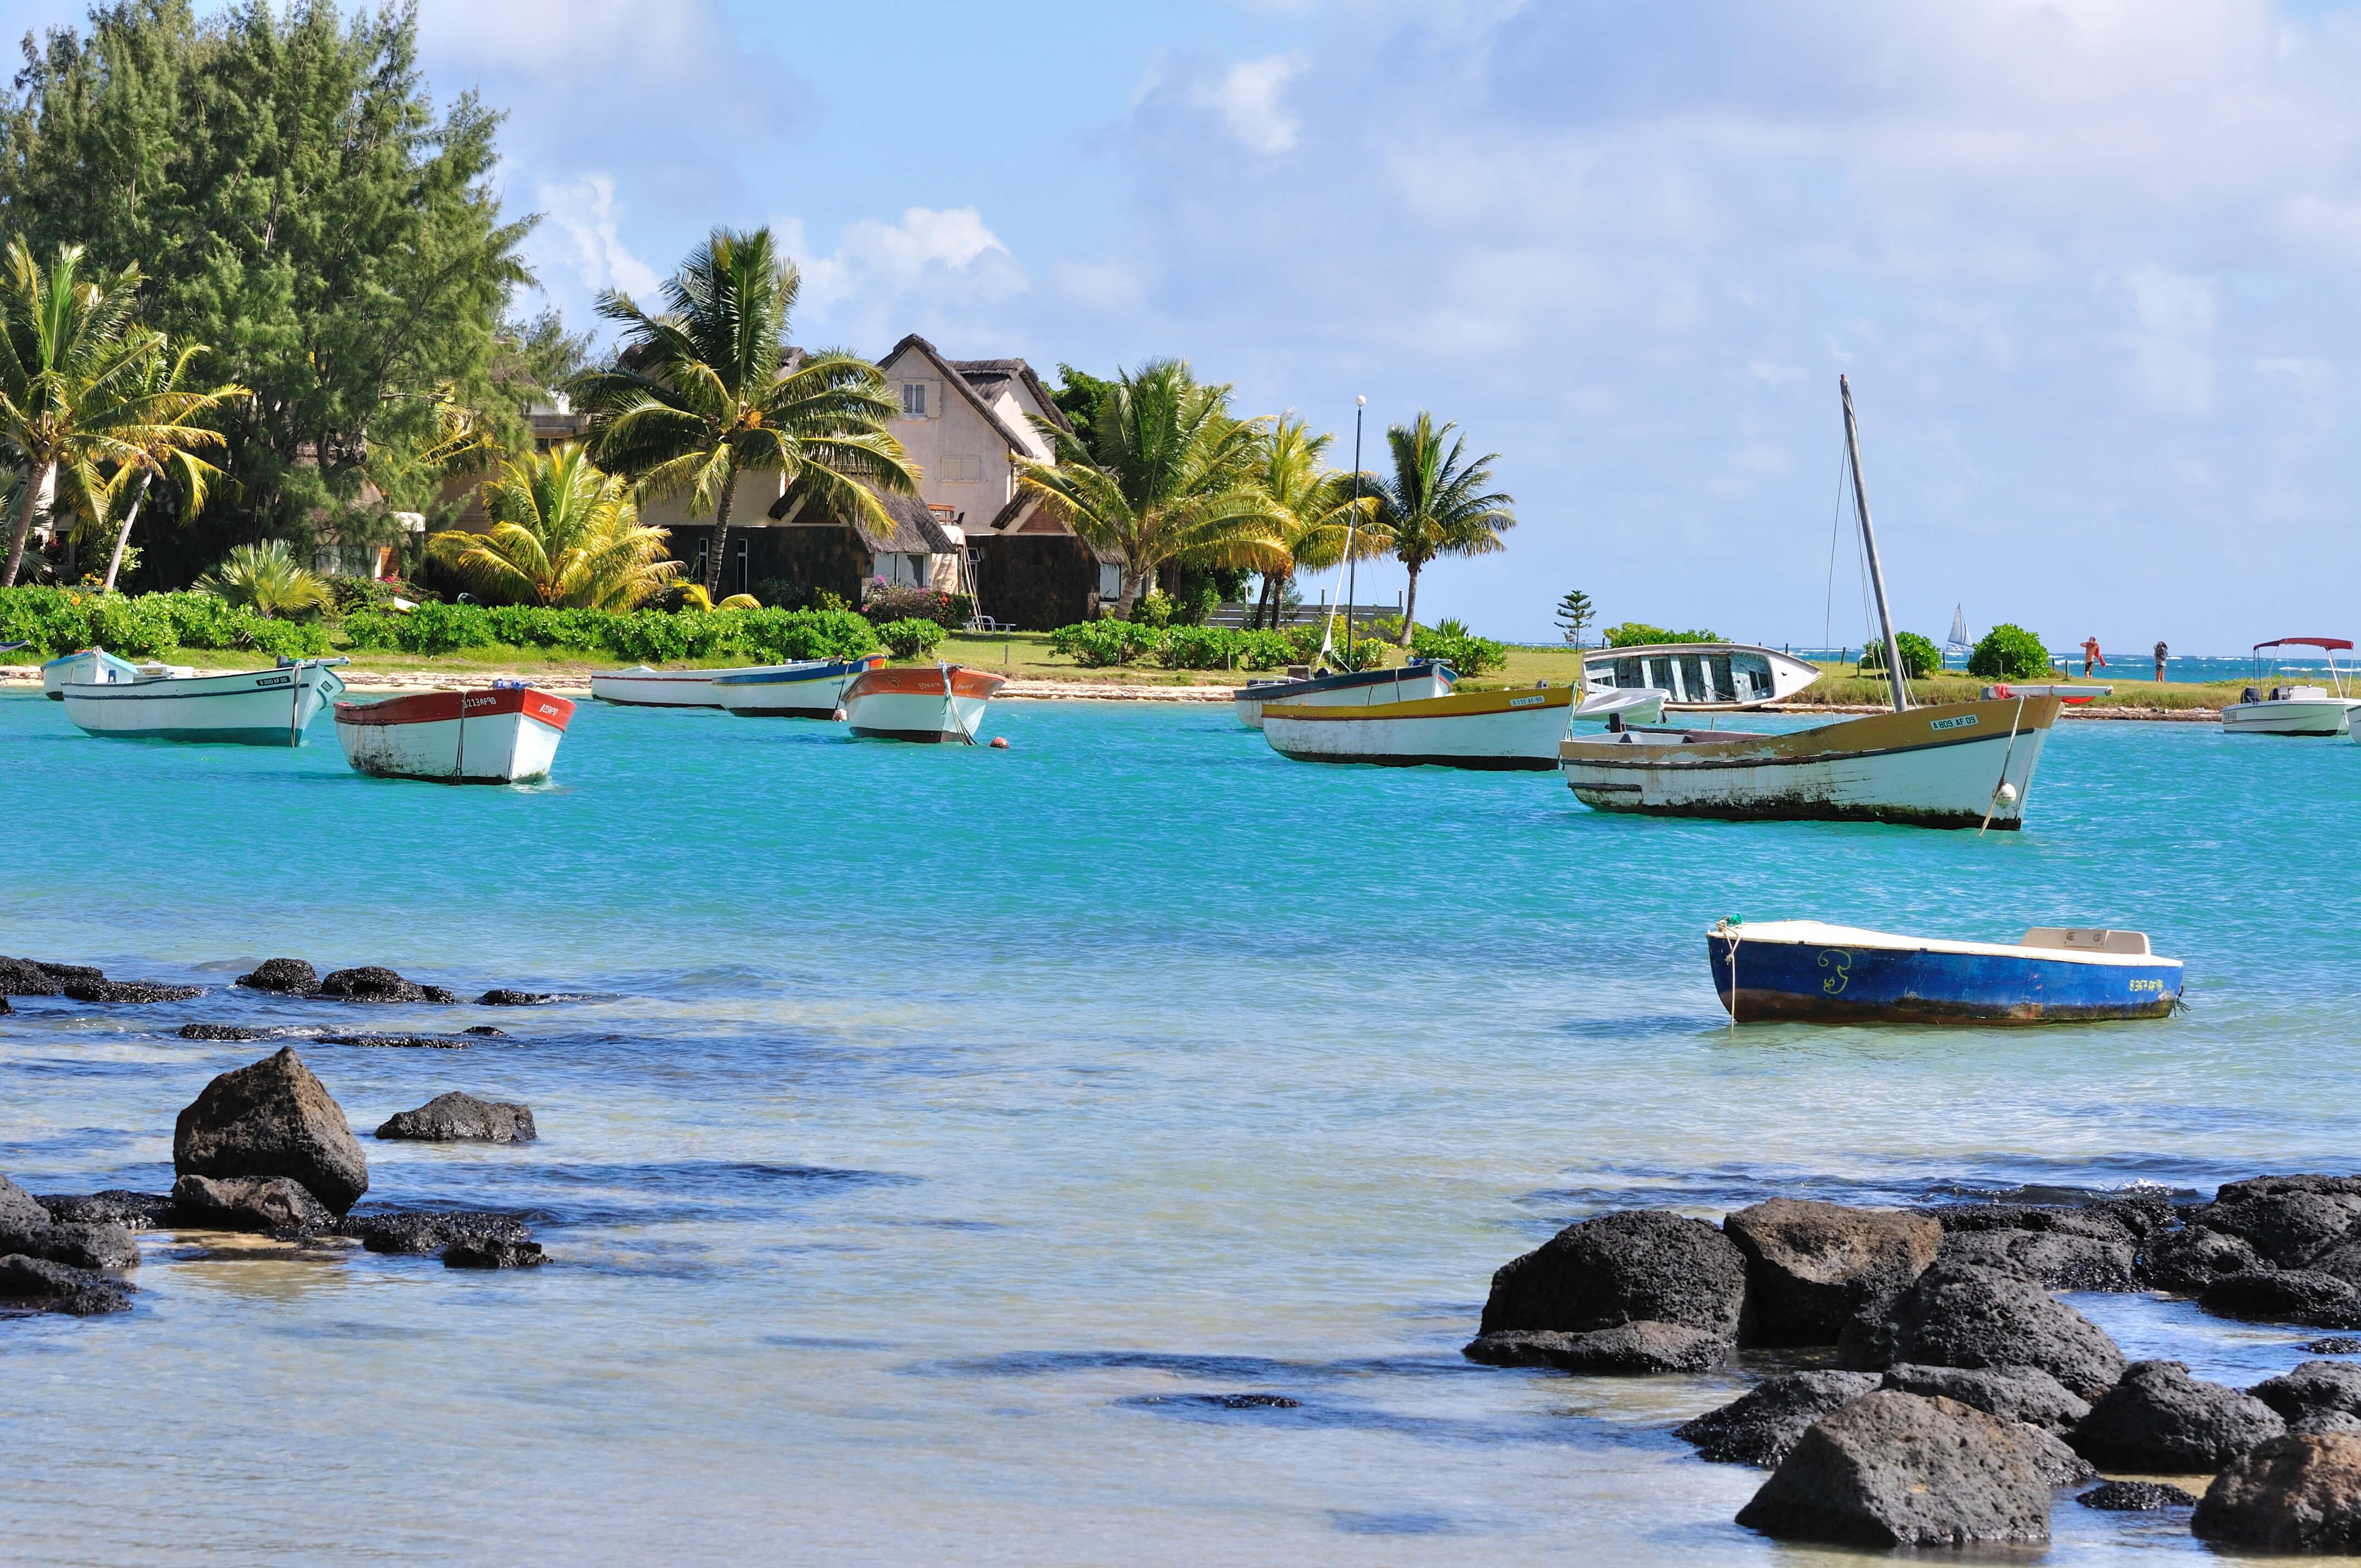 2011-06-26_09-16-48_Mauritius_Rivière_du_Rempart_Cap_Malheureux